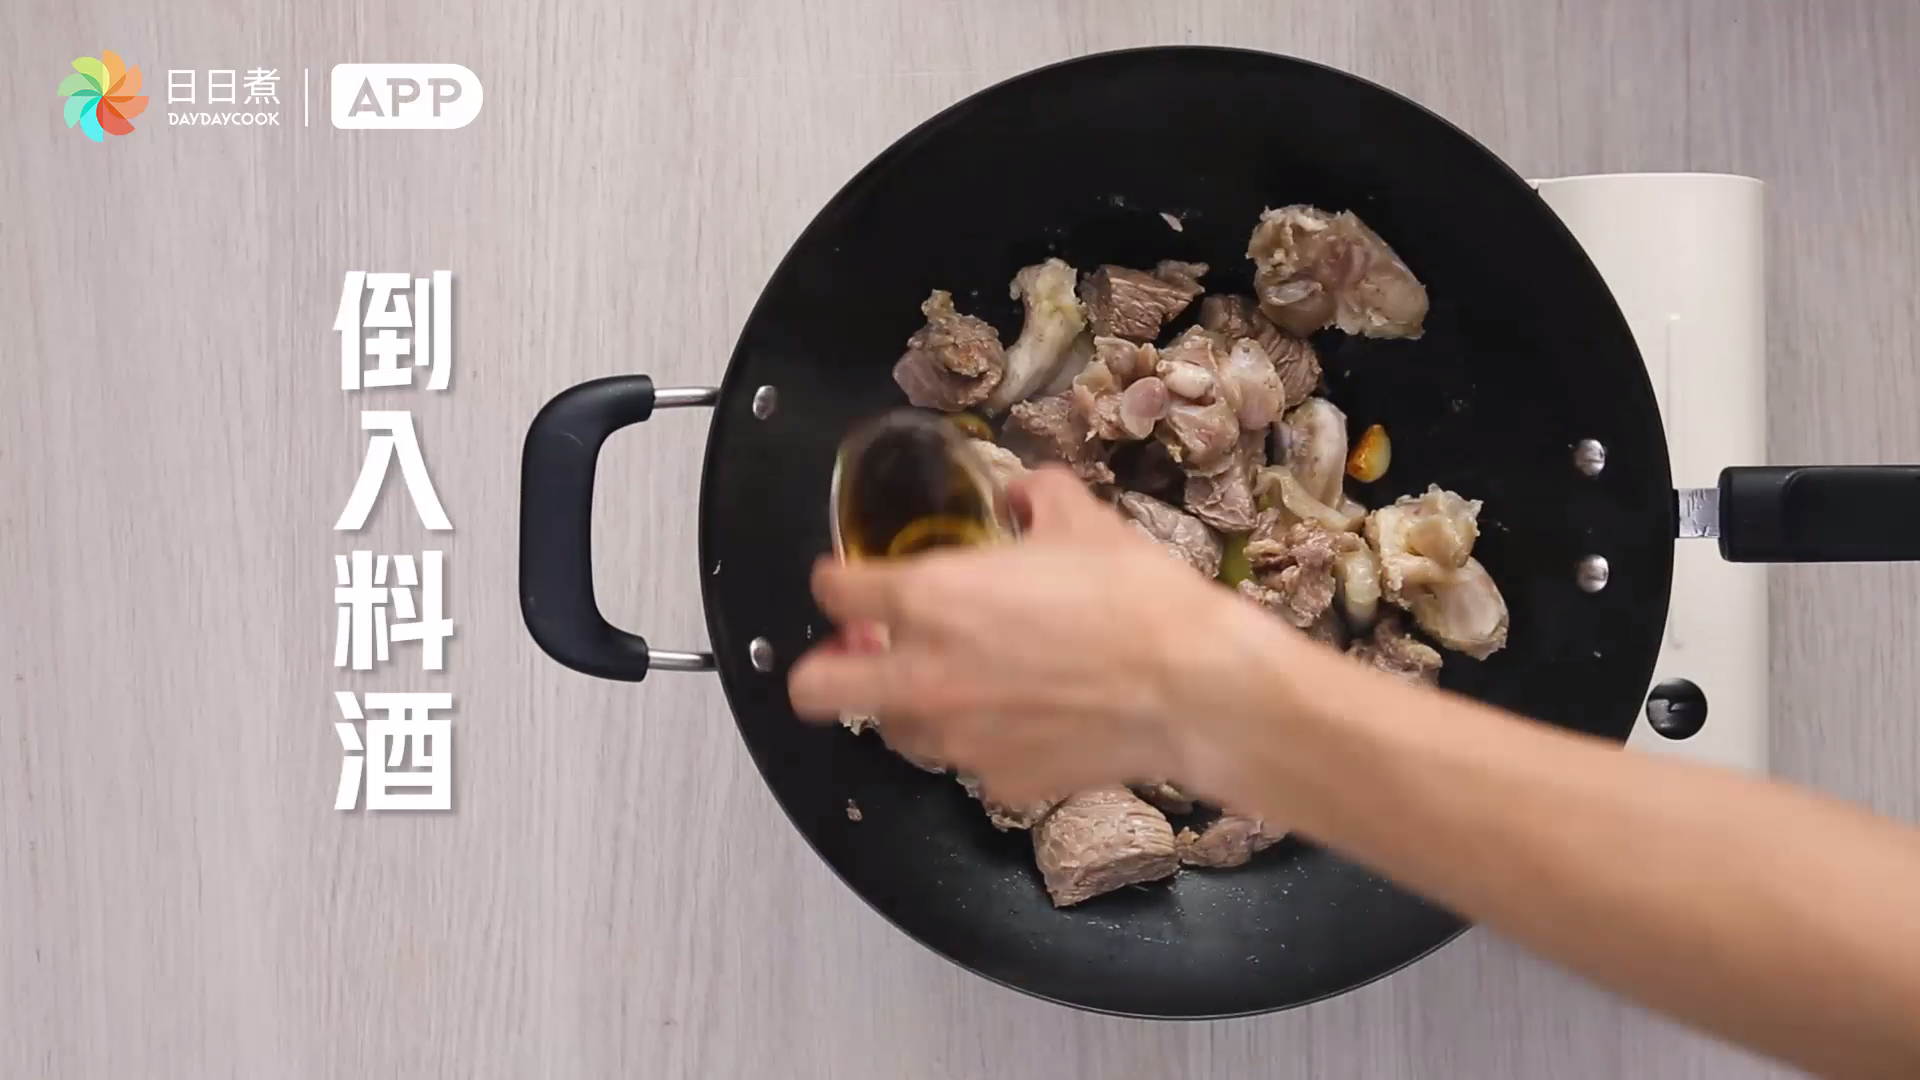 锅内倒油,加入姜、蒜煸炒上色后放入牛腩、牛筋炒热